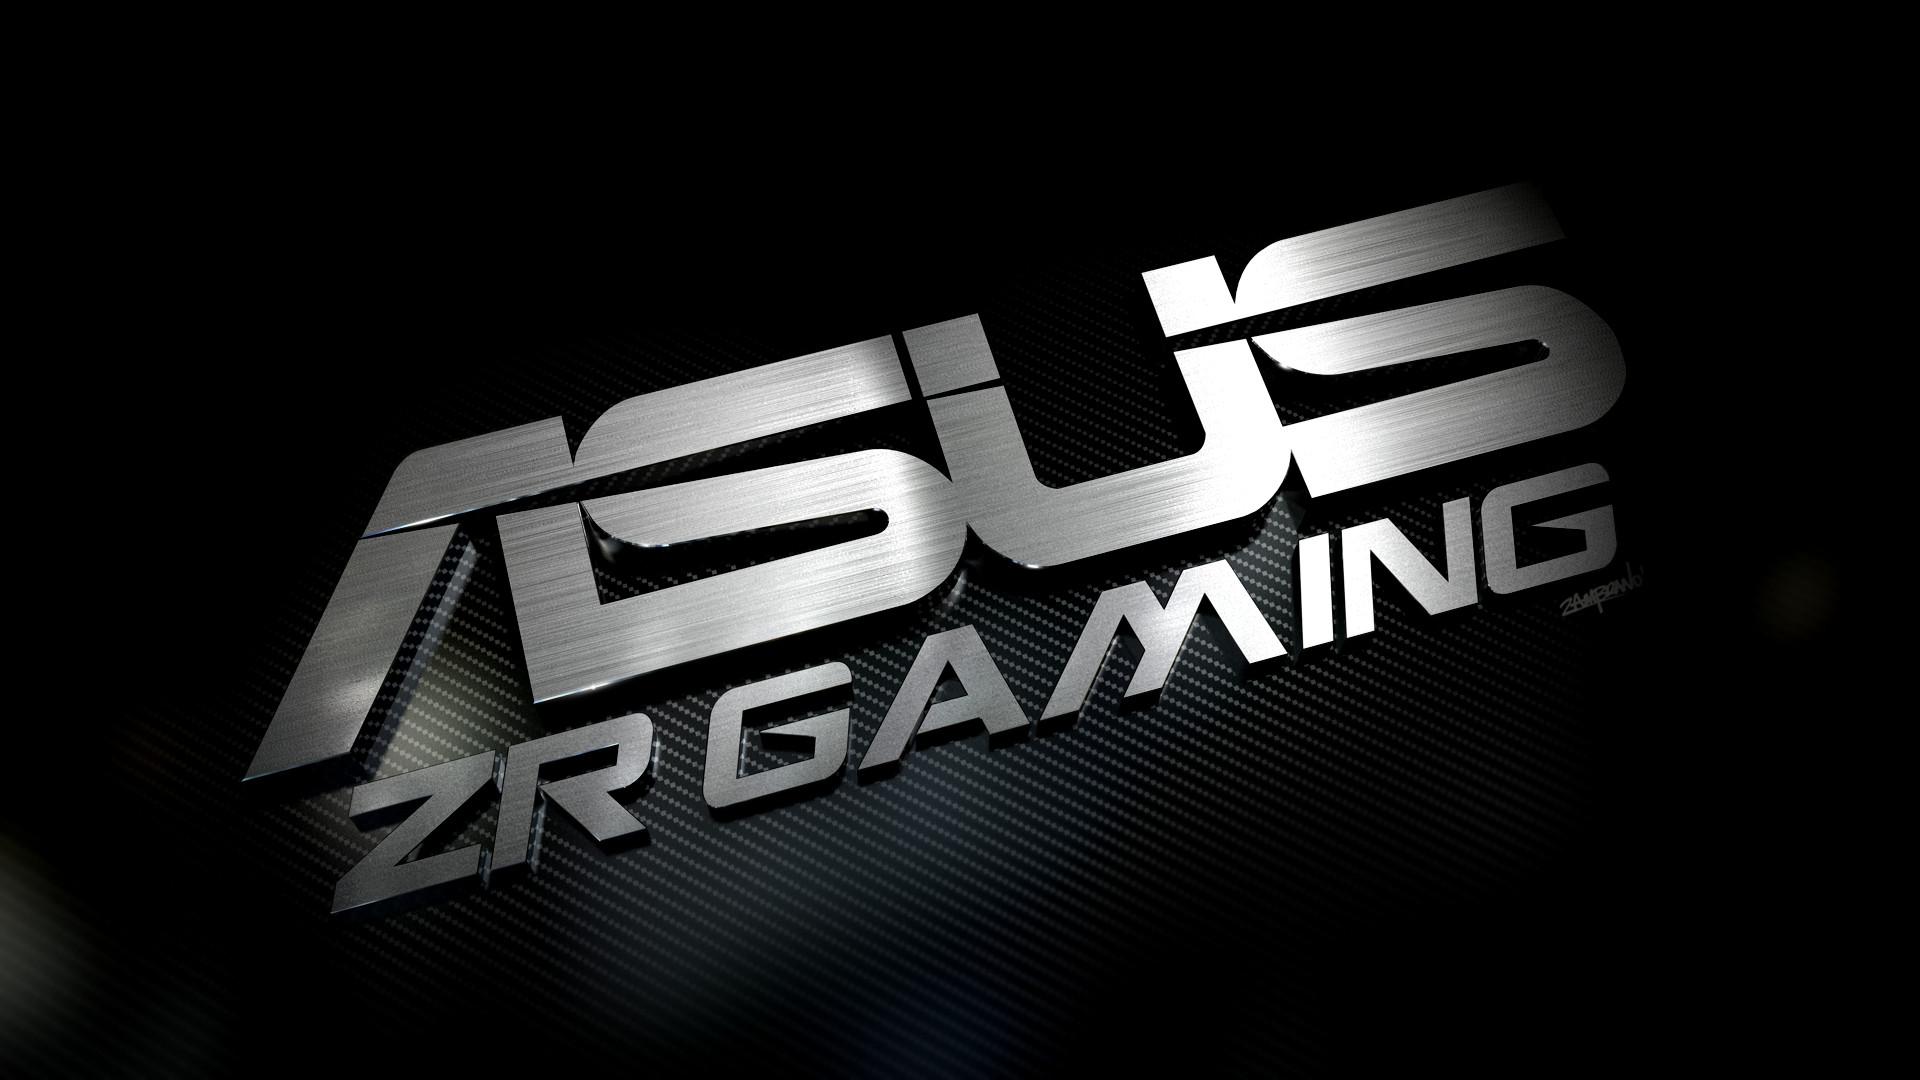 Asus Gaming 1920x1080